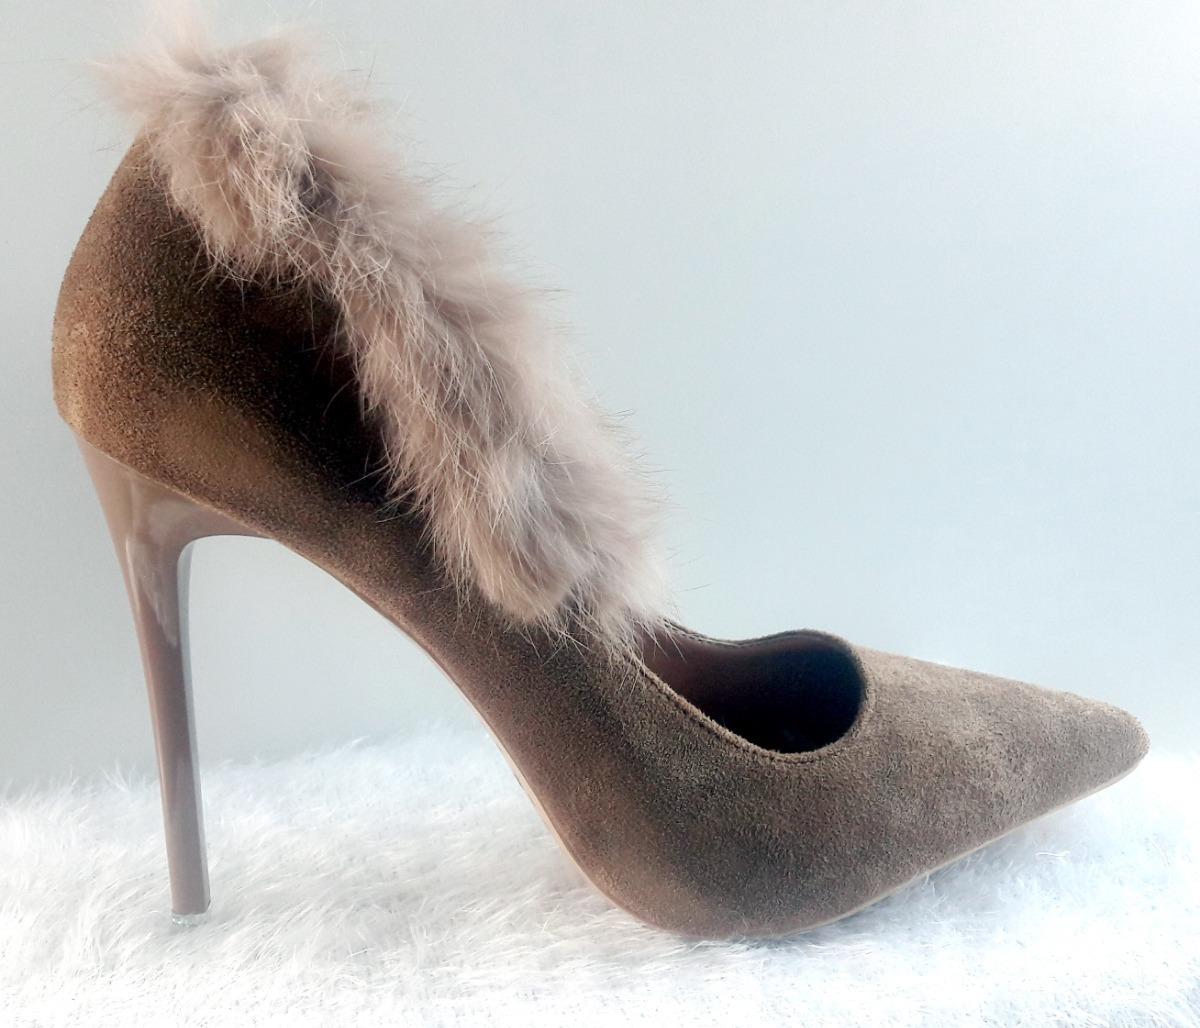 ventas calientes mejor selección de muy elogiado Zapatos Dama - Fiesta - Elegantes - Bloom